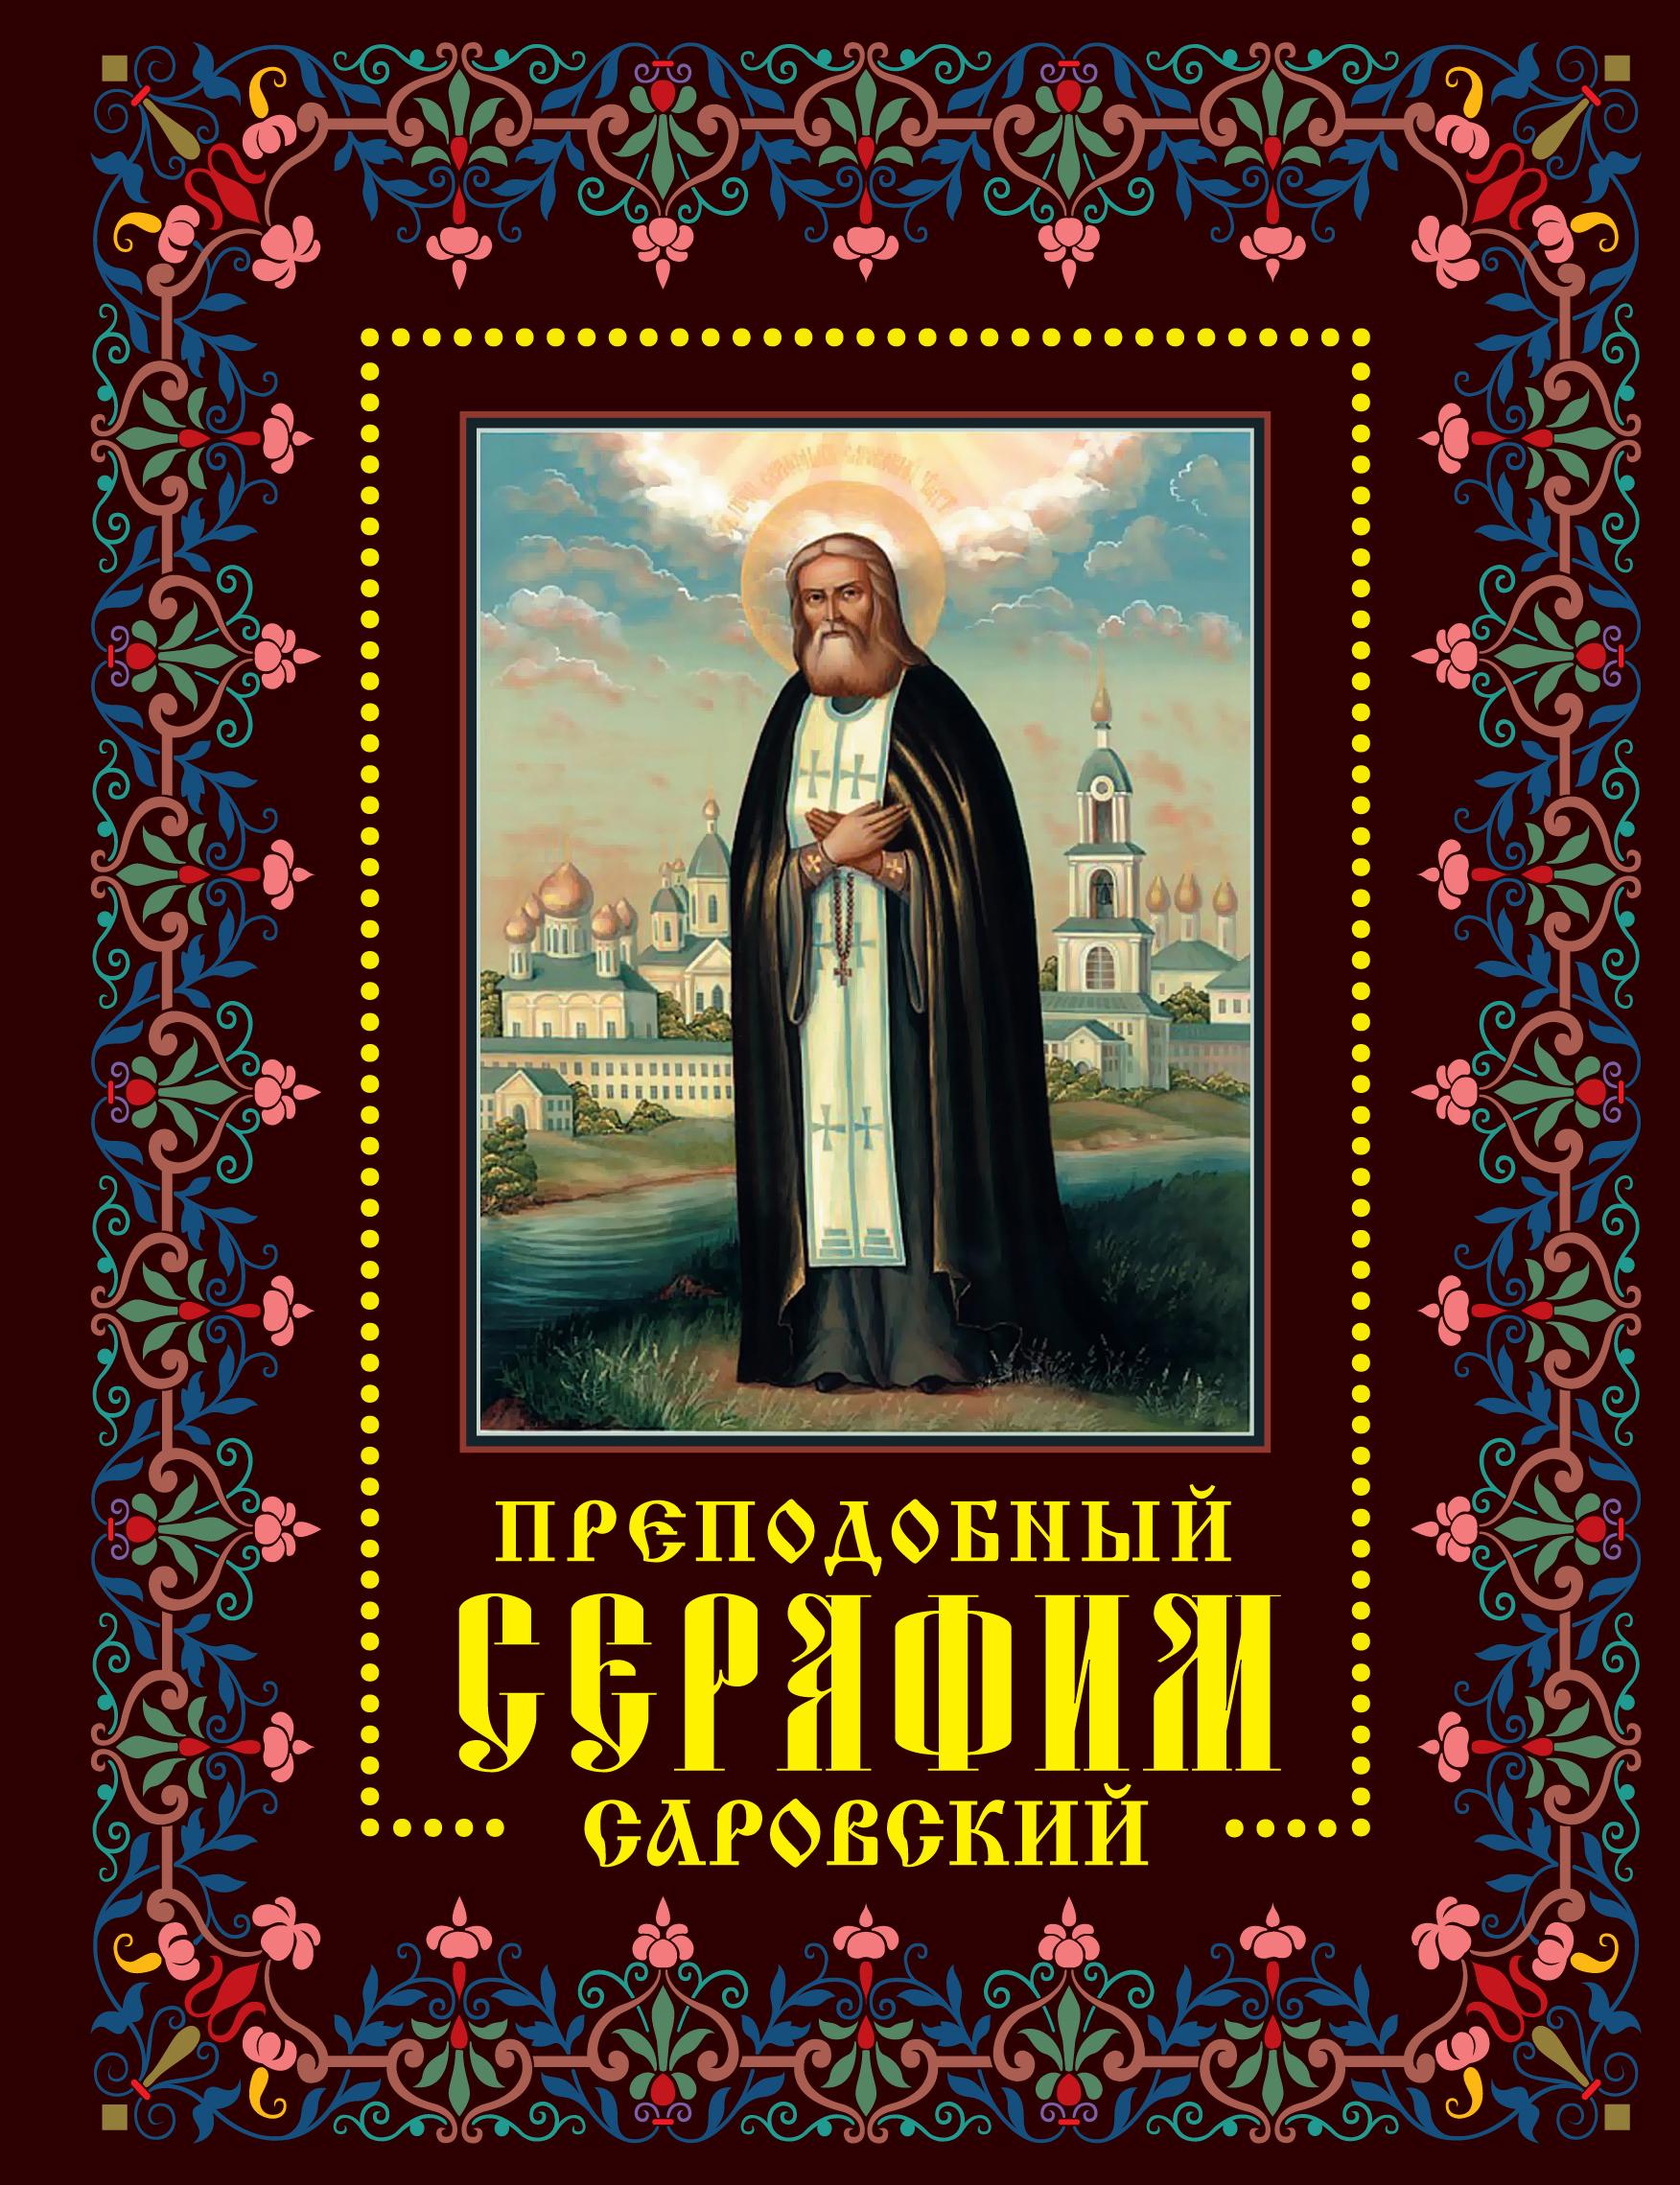 Преподобный Серафим Саровский: Жизнь, чудеса, святыни